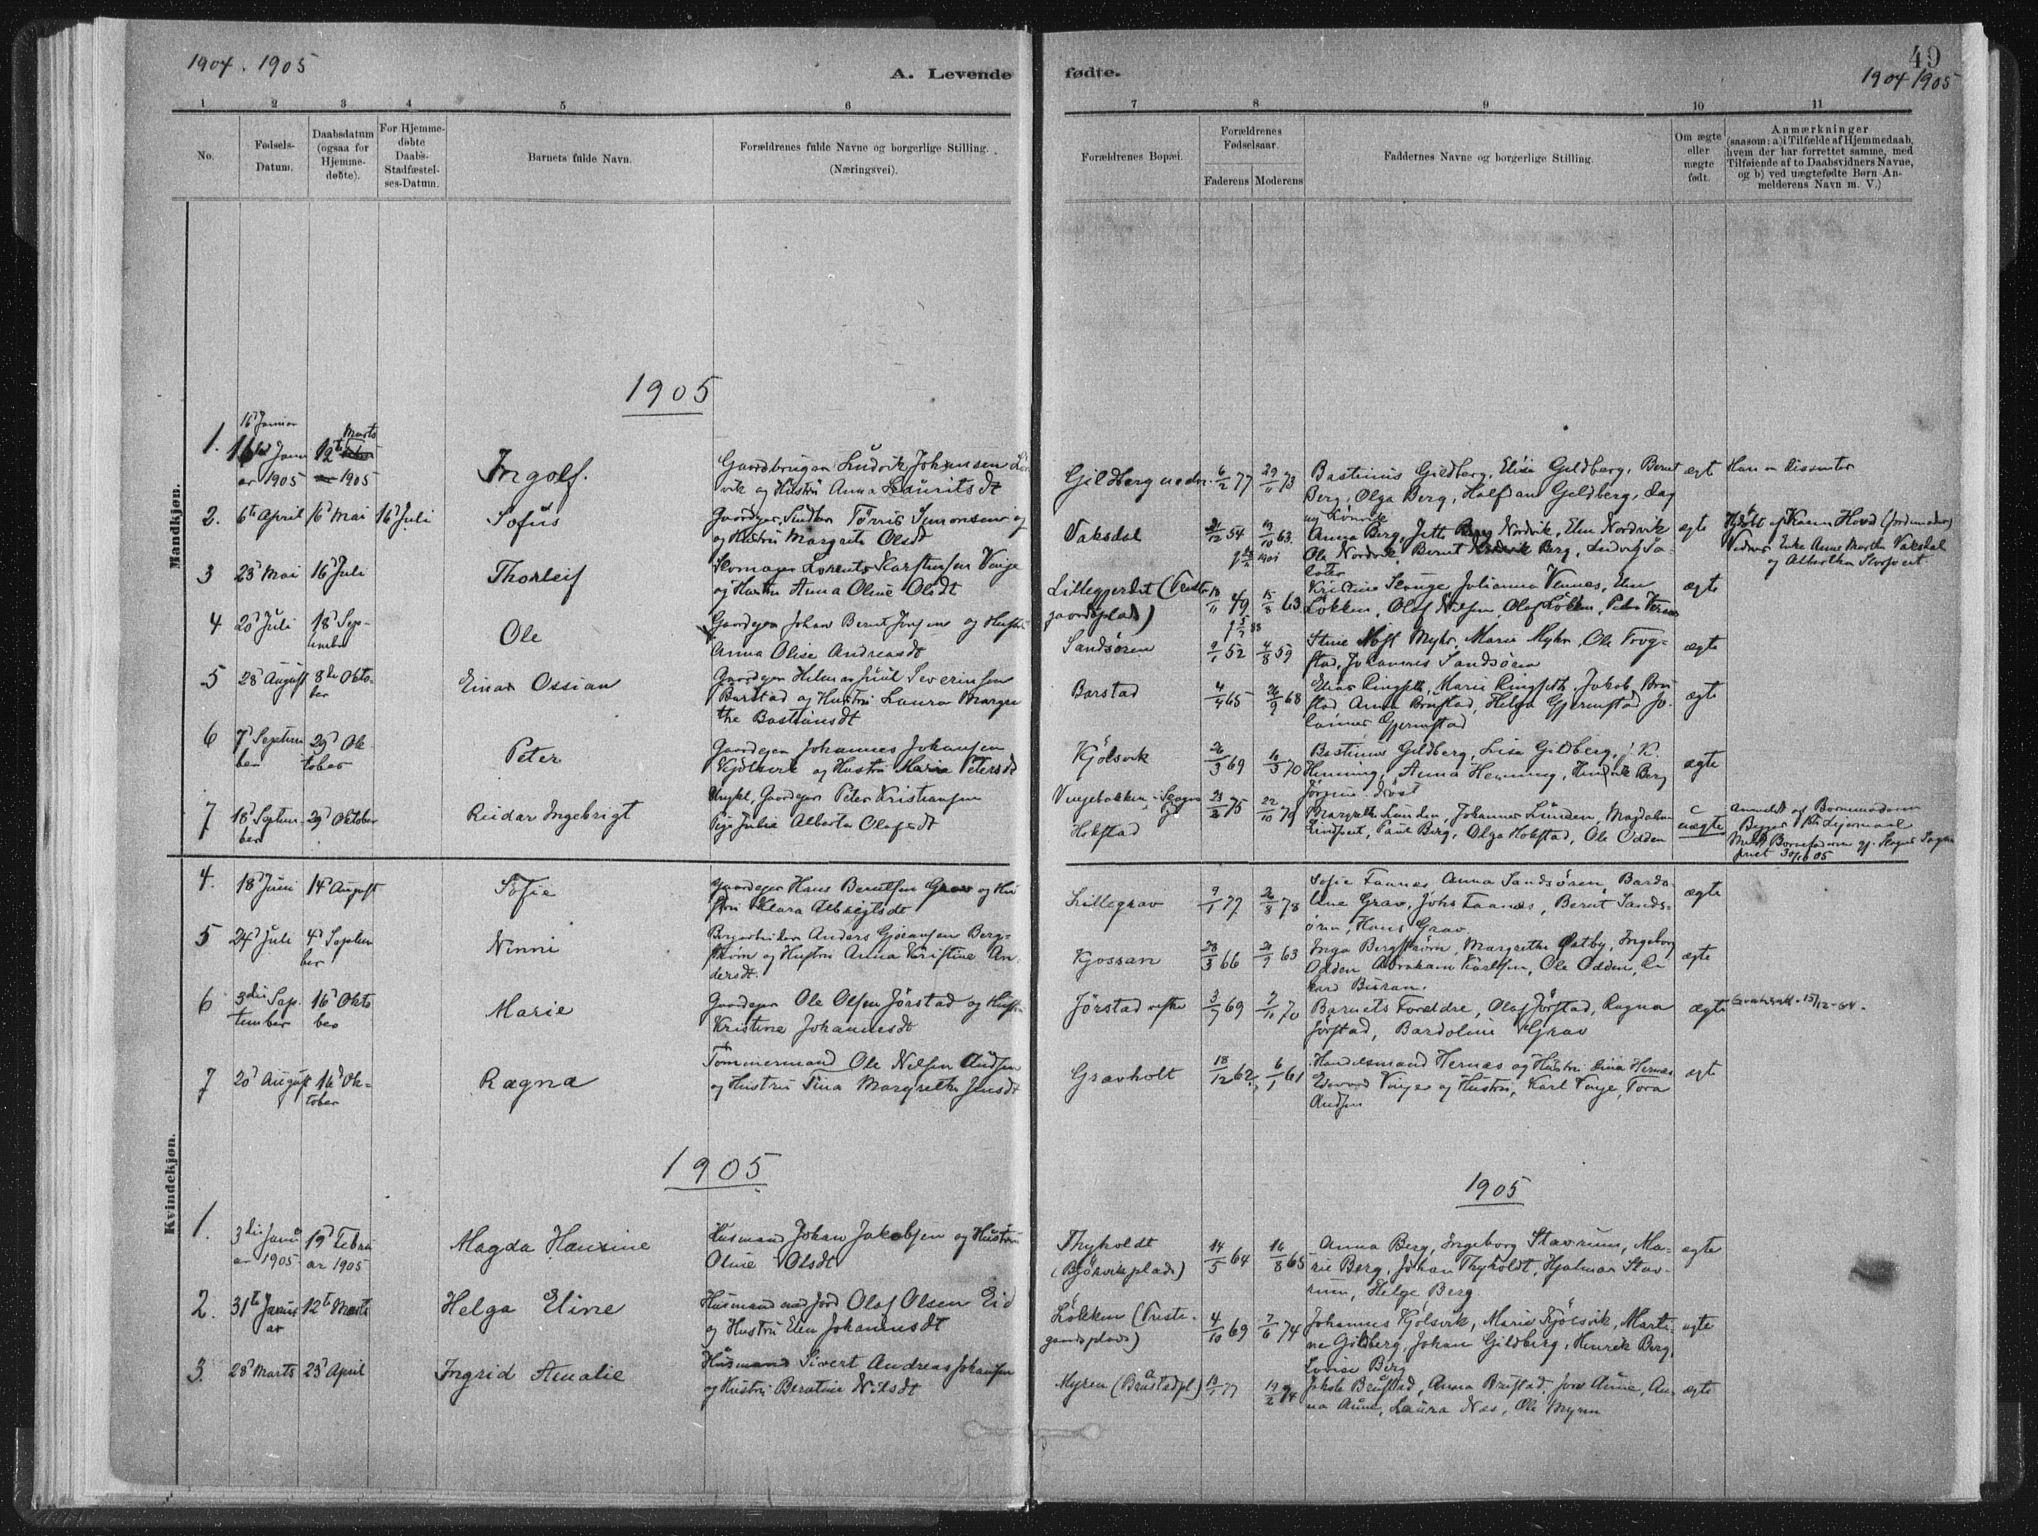 SAT, Ministerialprotokoller, klokkerbøker og fødselsregistre - Nord-Trøndelag, 722/L0220: Ministerialbok nr. 722A07, 1881-1908, s. 49